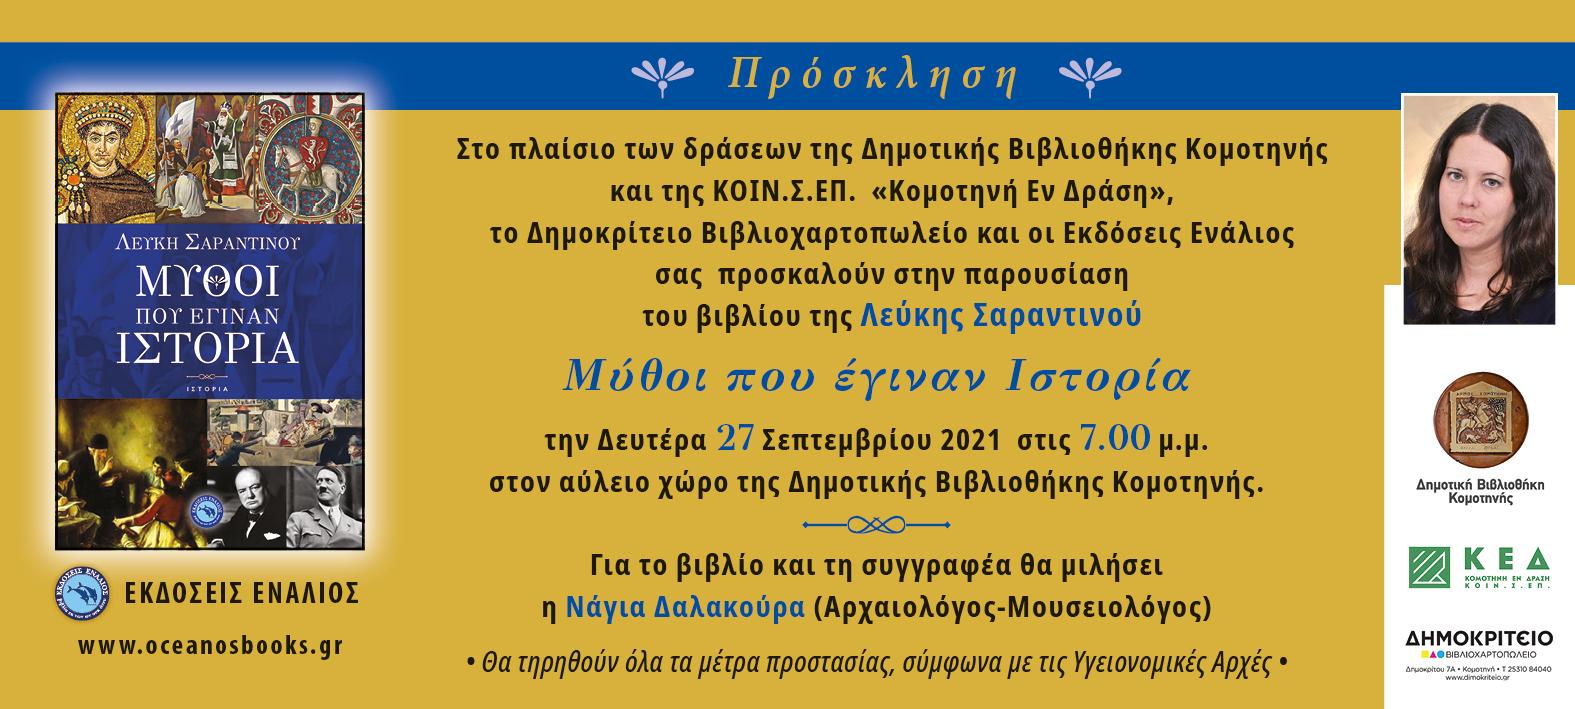 Παρουσίαση του βιβλίου «Μύθοι που έγιναν Ιστορία» της Λεύκης Σαραντινού